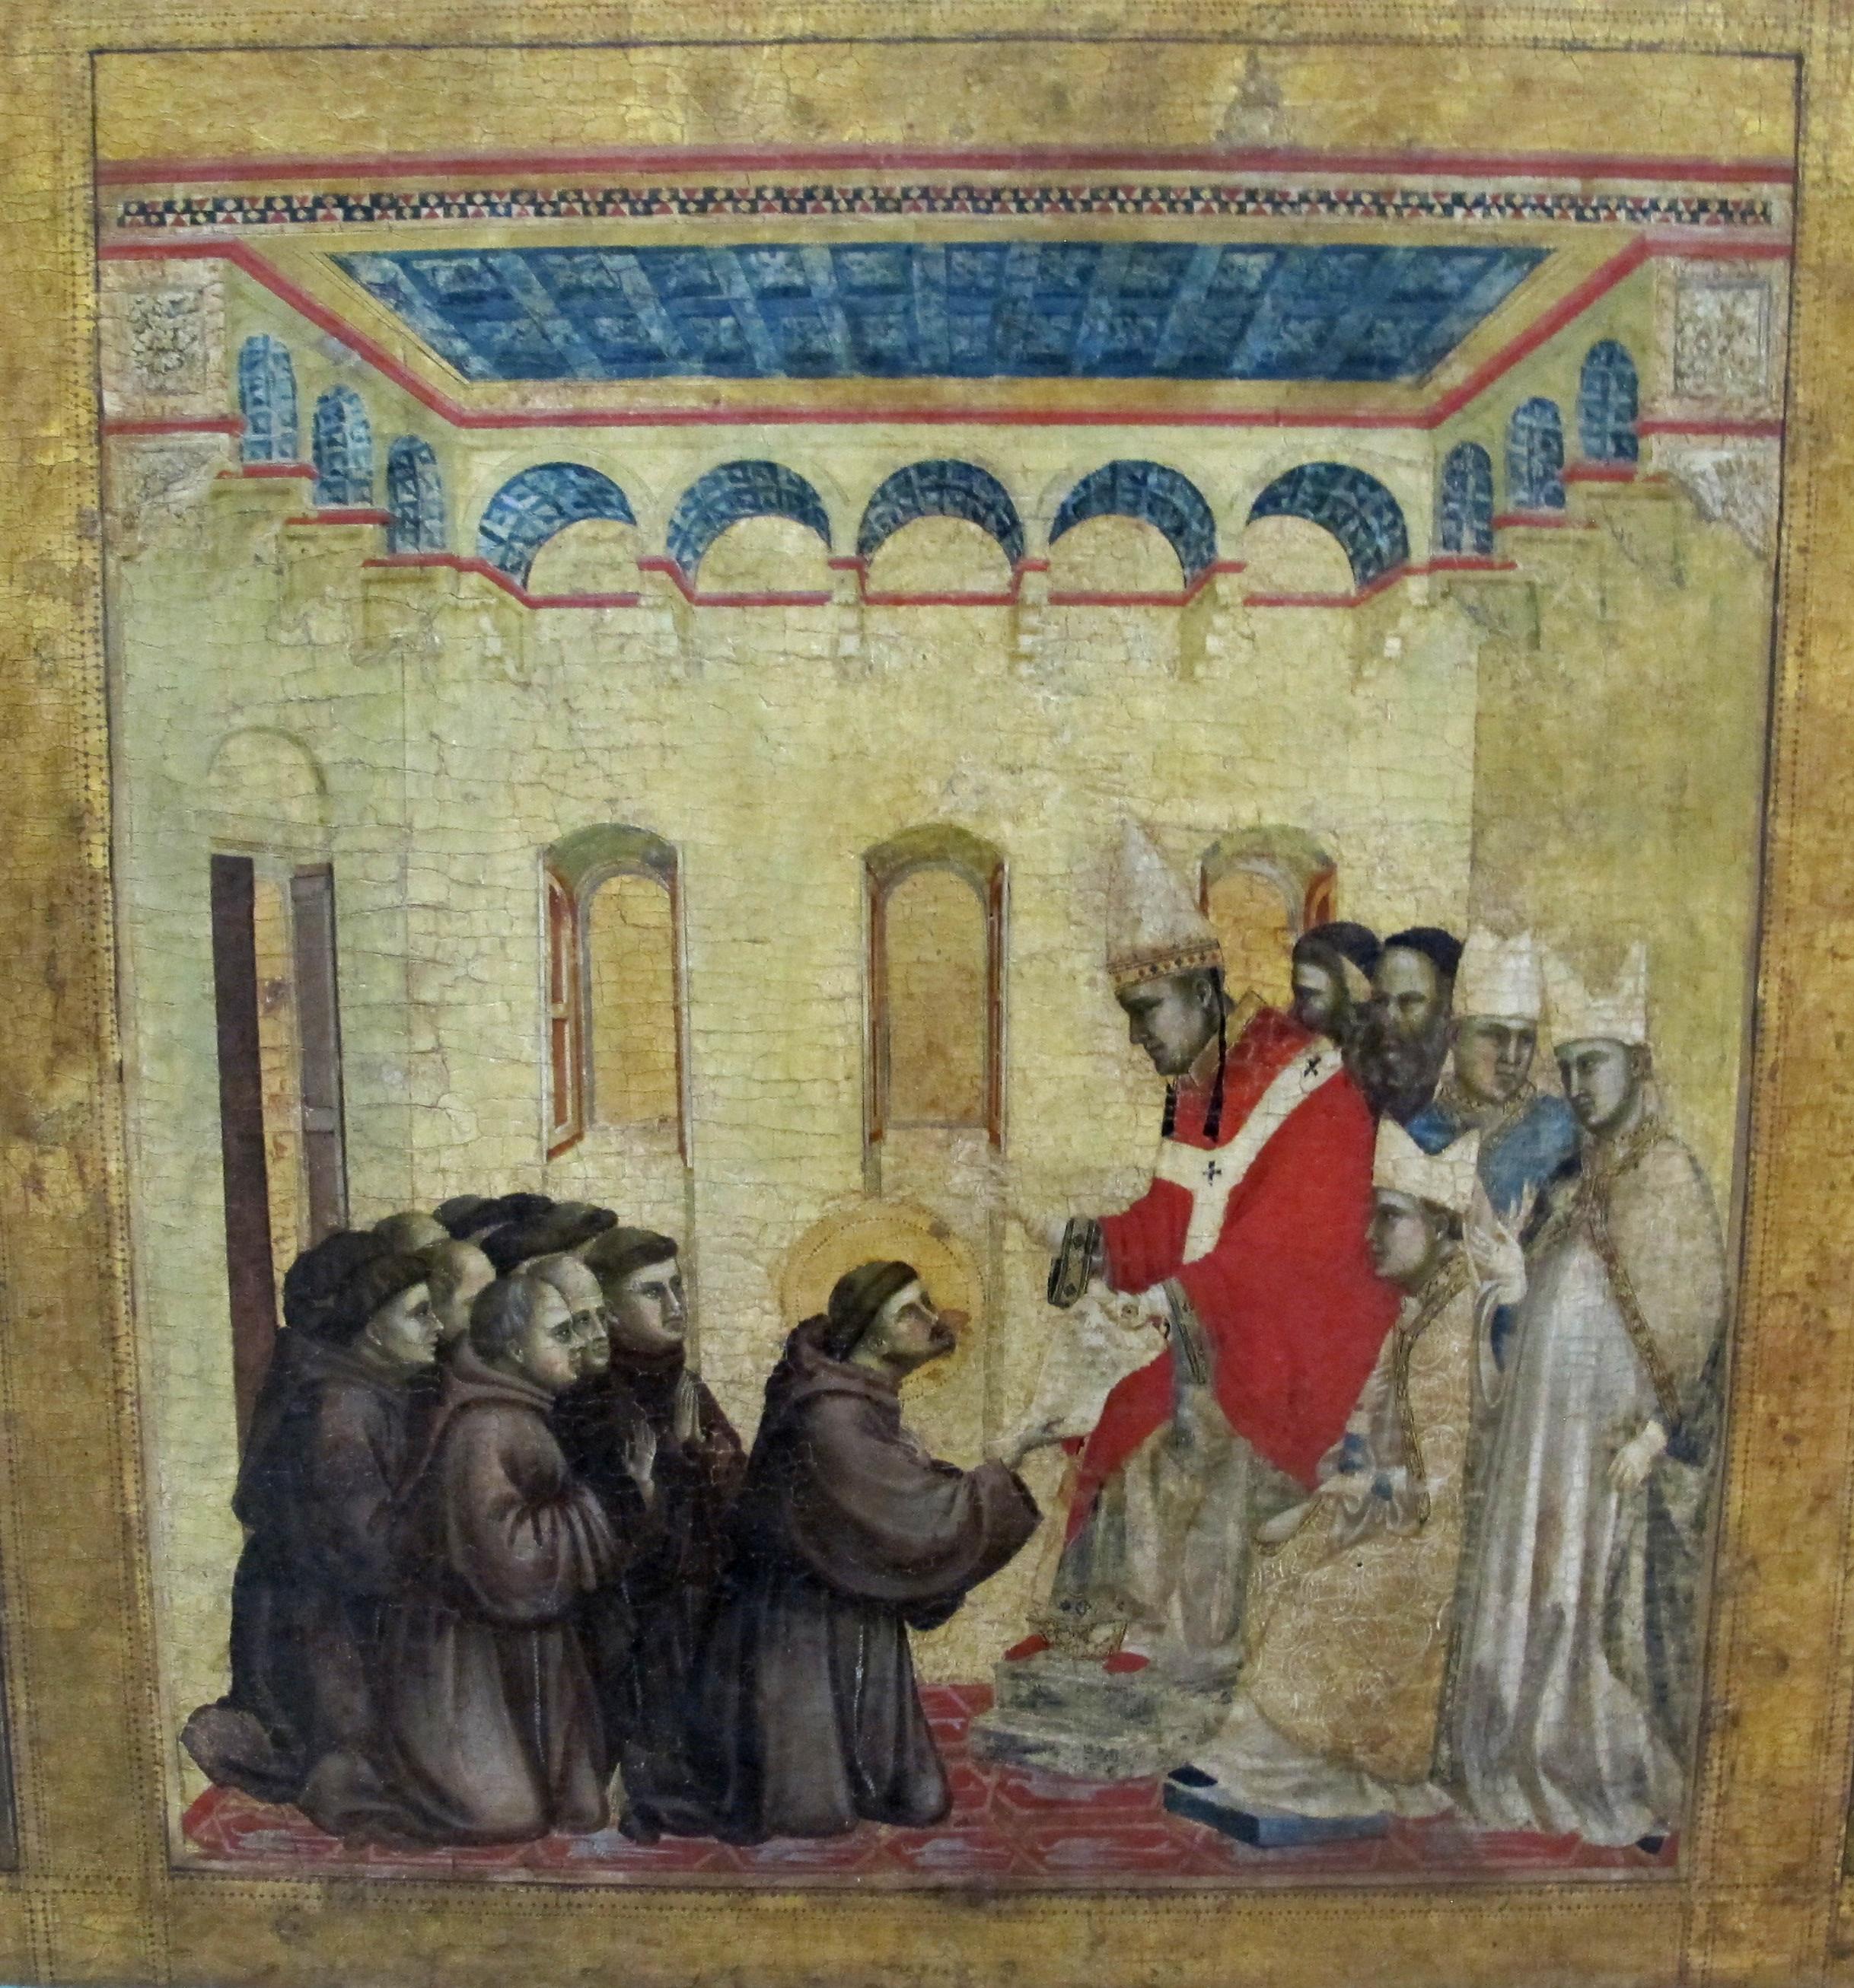 File:Giotto di bondone, stimmate di s. francesco con stemma cinquini, 1297